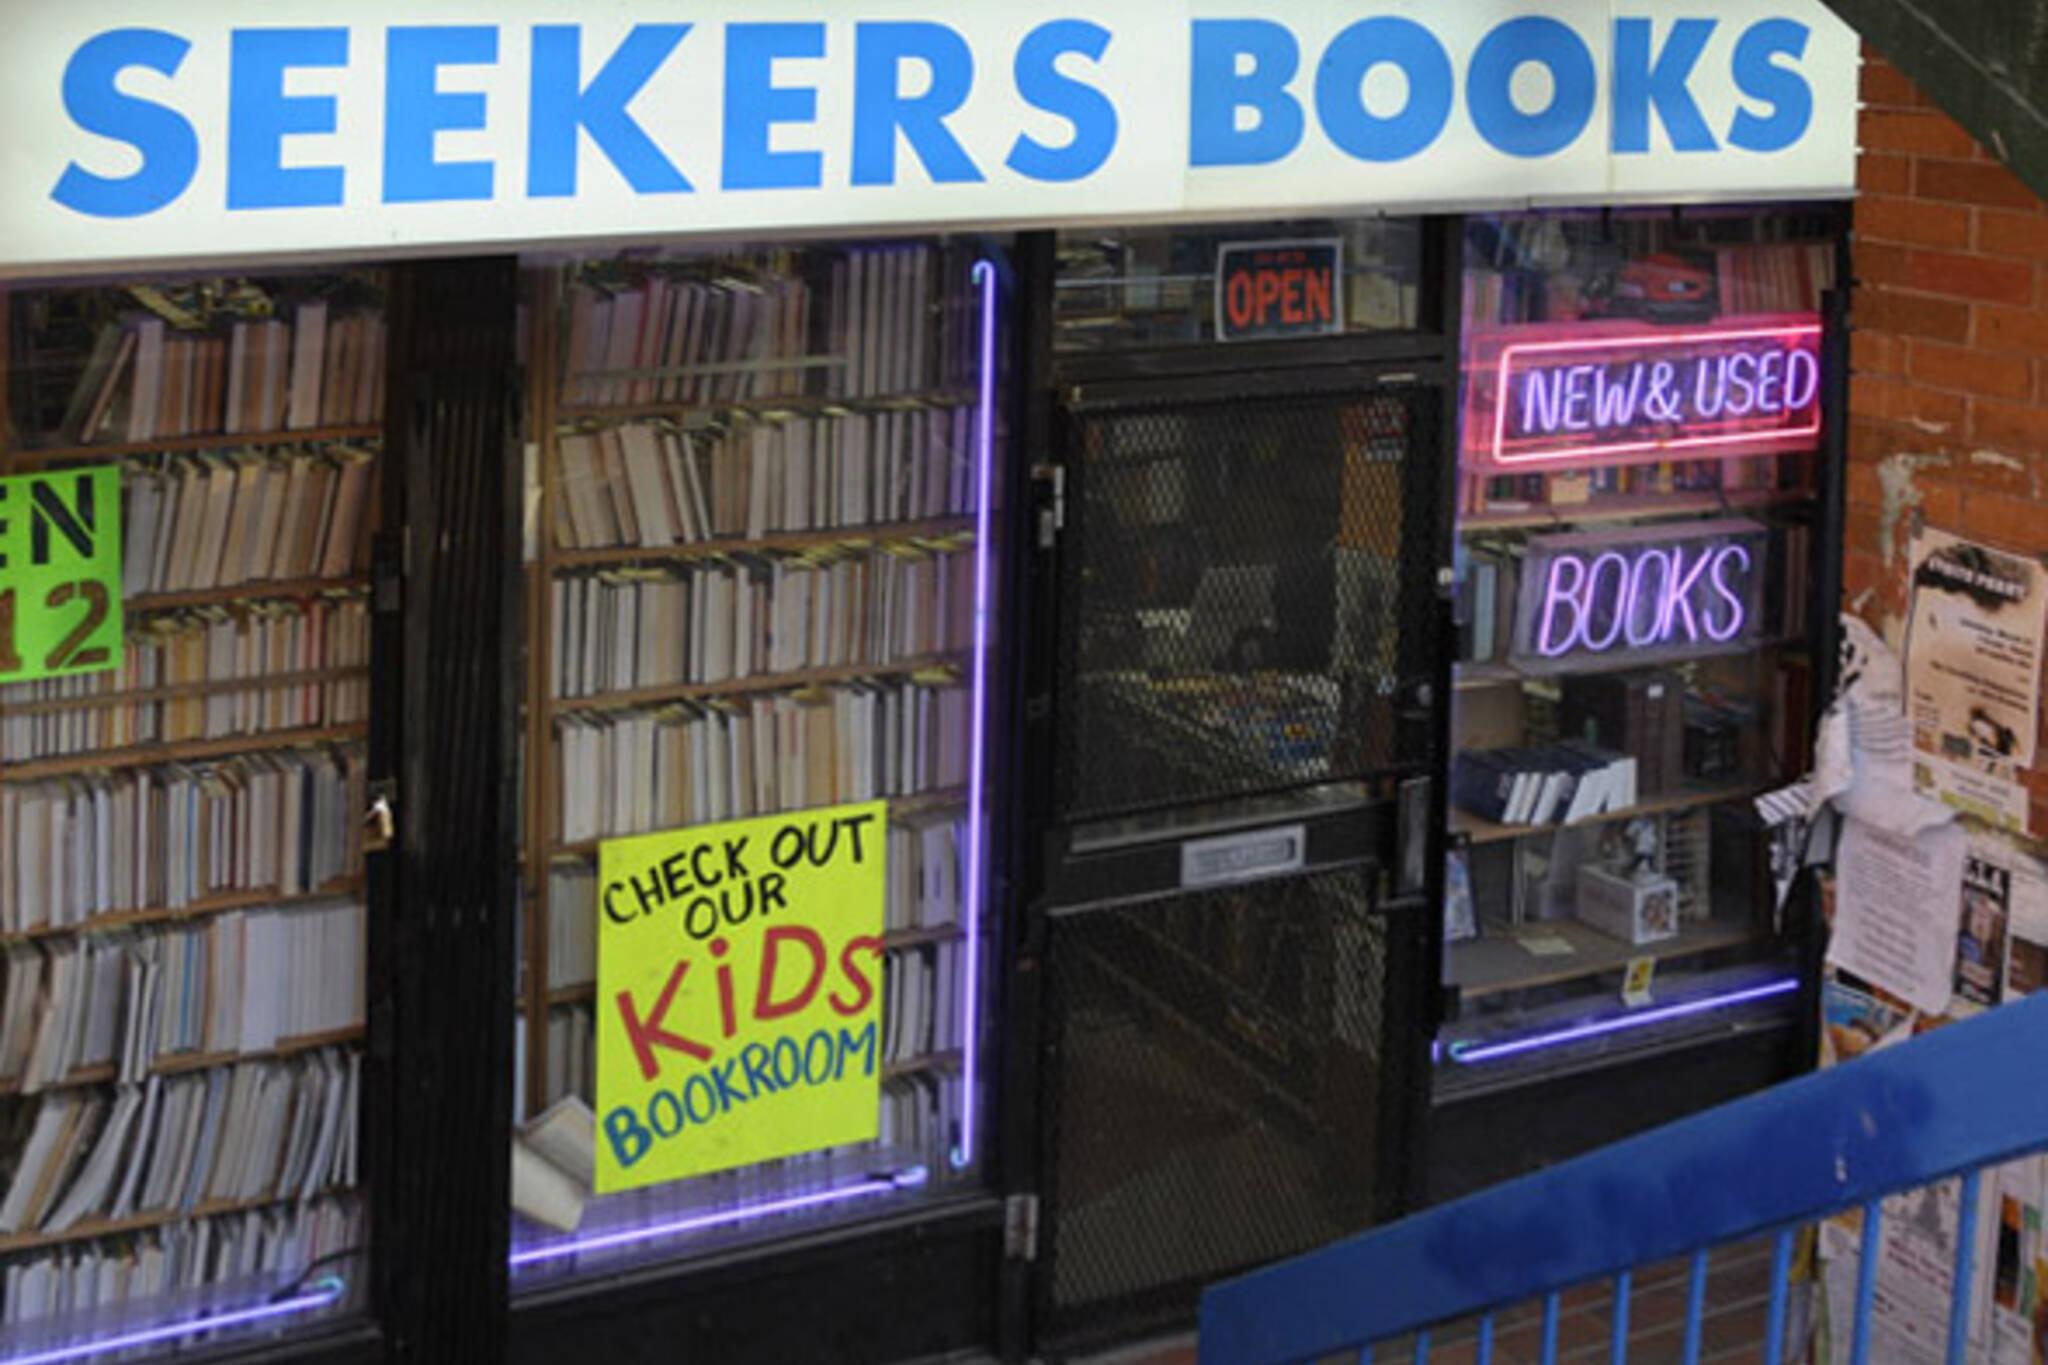 Seekers Books Toronto